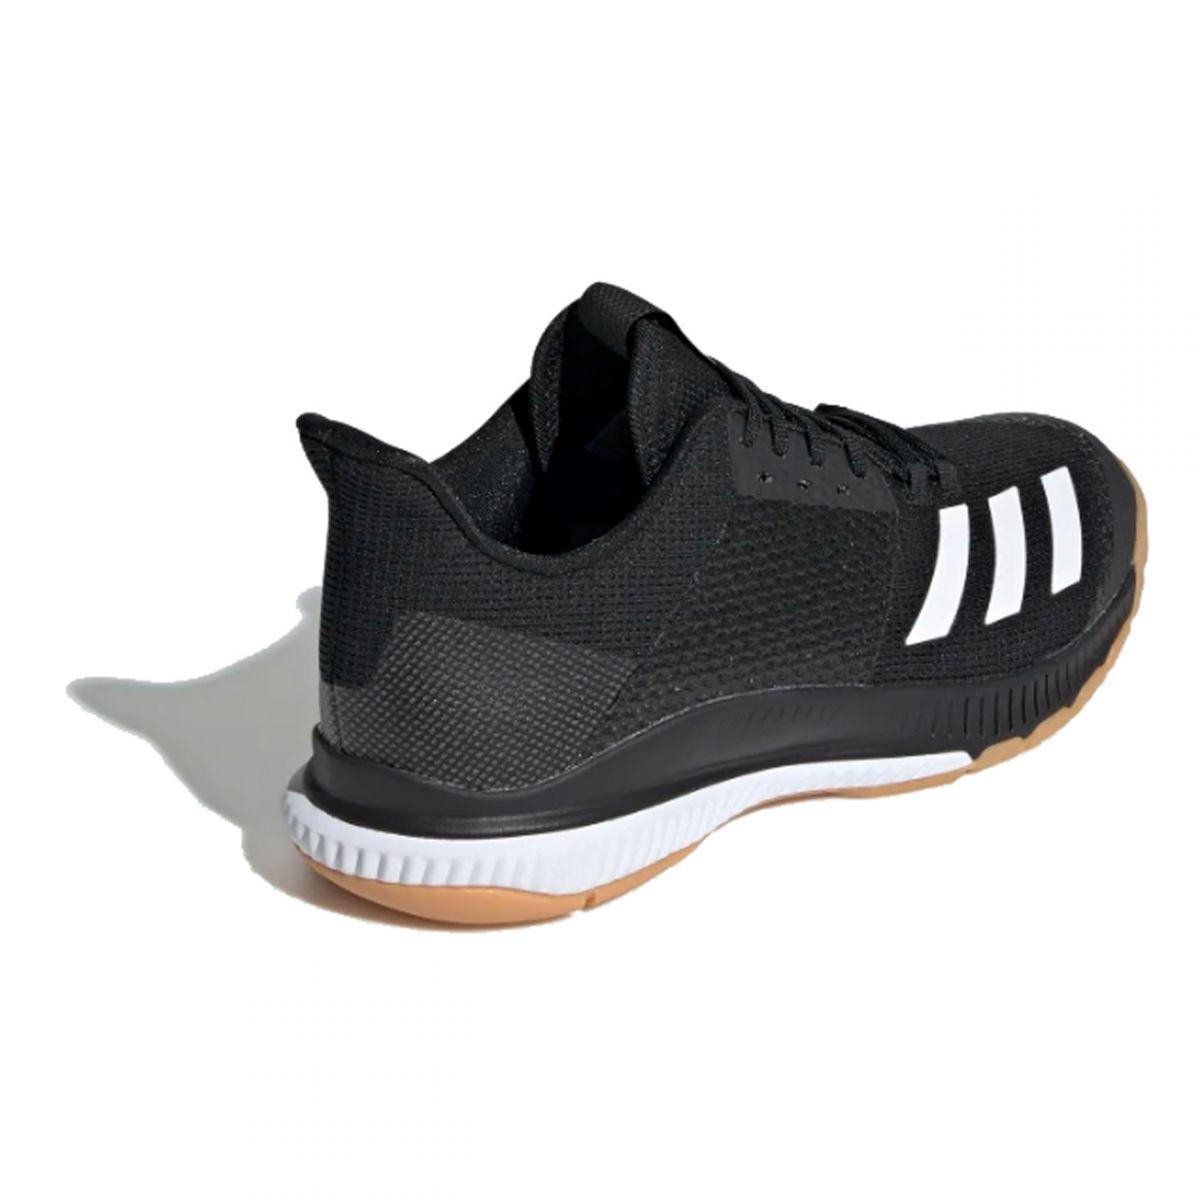 adidas Crazyflight Bounce Damen Volleyballschuhe 3 Nwk8Xn0OPZ